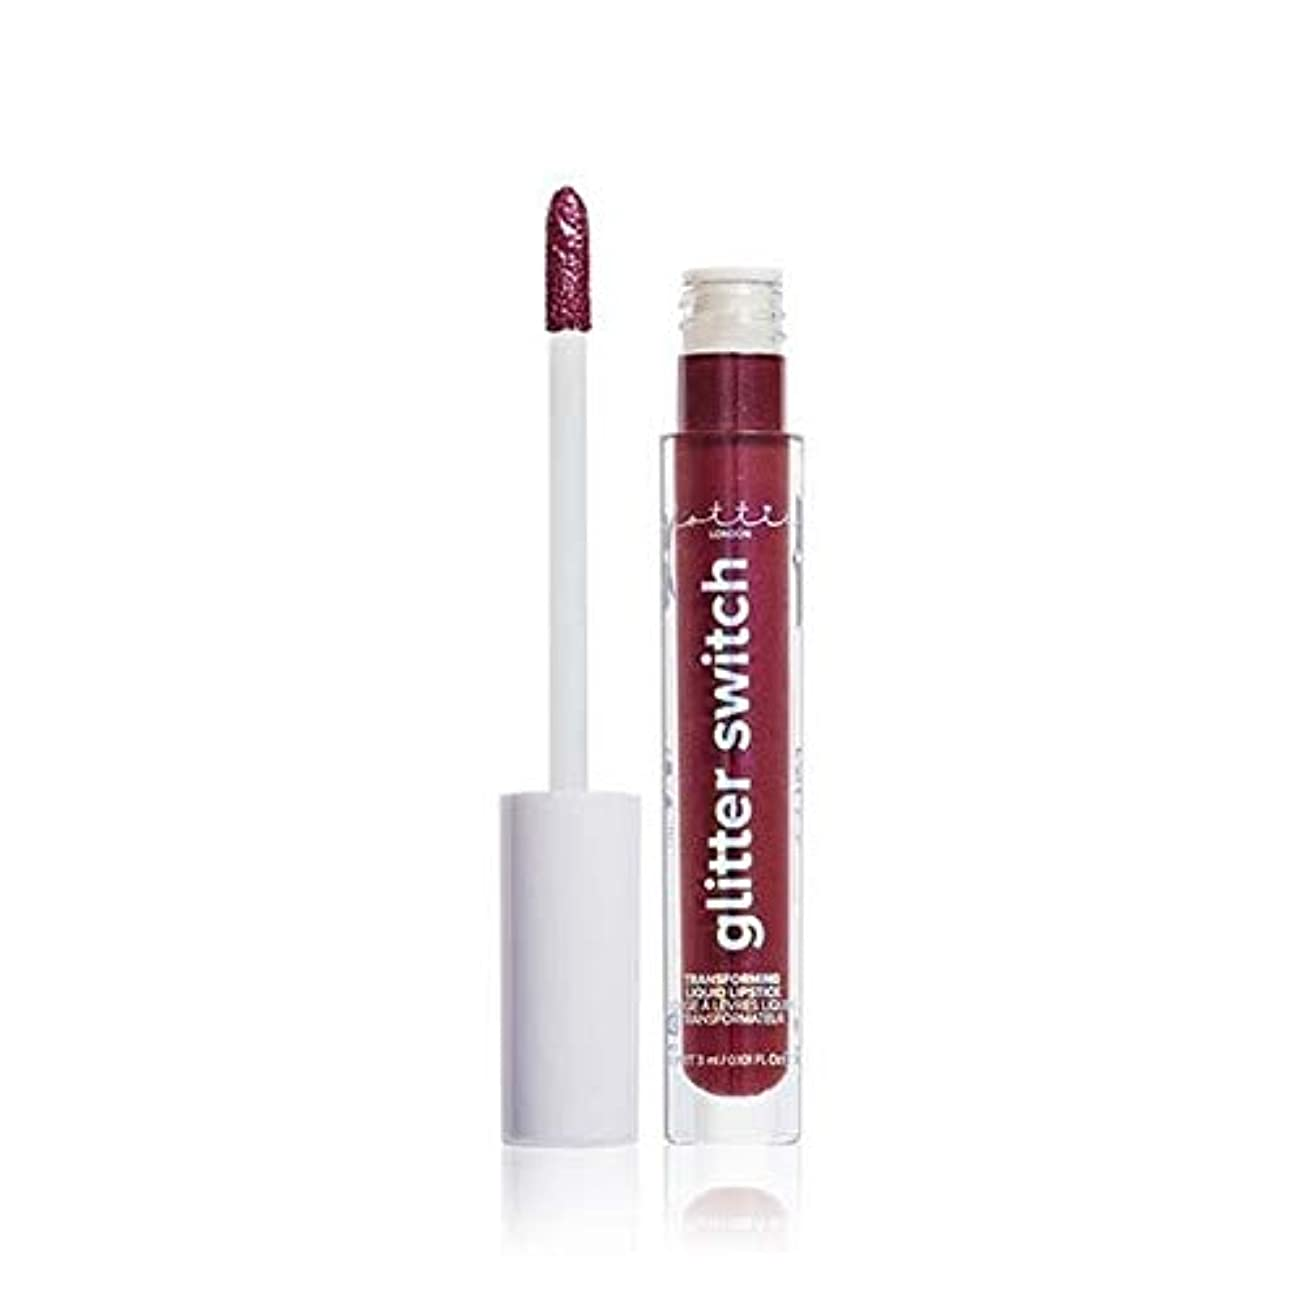 パラメータ受付教育[Lottie London] Lottieロンドングリッタースイッチはそれをキリン口紅を変換します - Lottie London Glitter Switch Transform Lipstick Killin It...